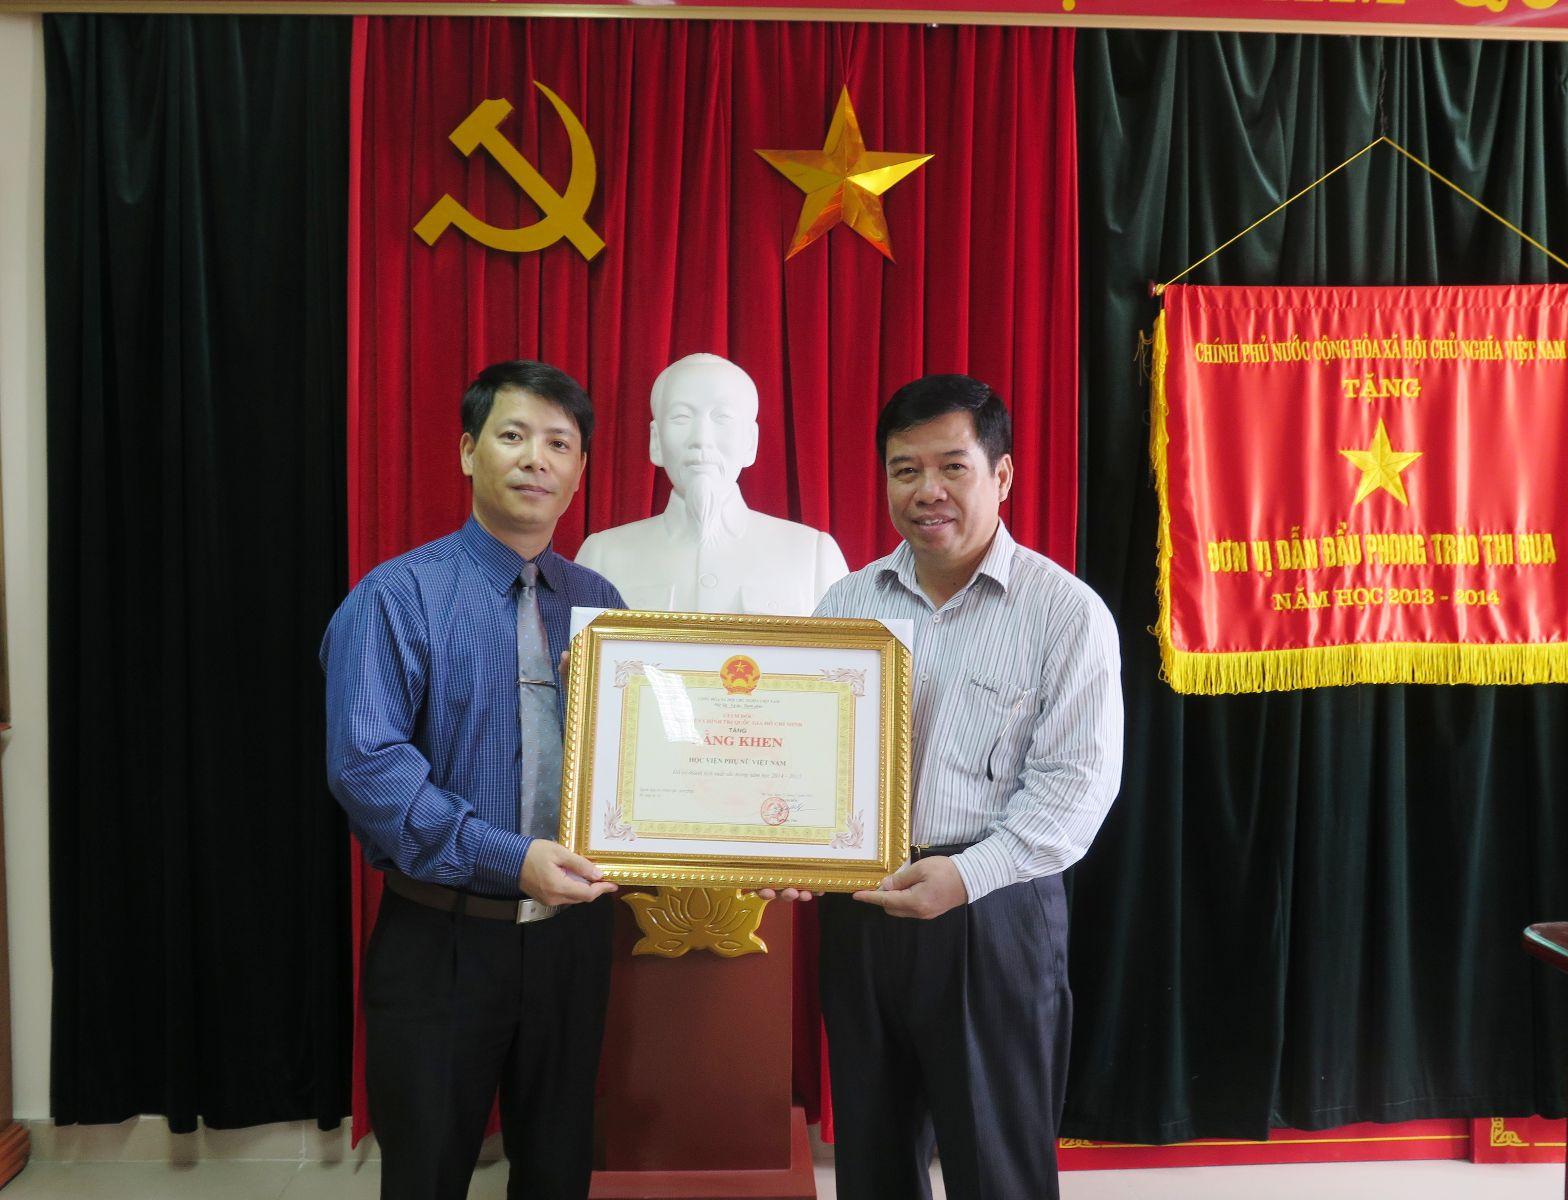 Học viện Phụ nữ Việt Nam là đơn vị duy nhất thuộc khối Bộ, Ngành được Học viện Chính trị Hành chính Quốc gia Hồ Chí Minh khen thưởng